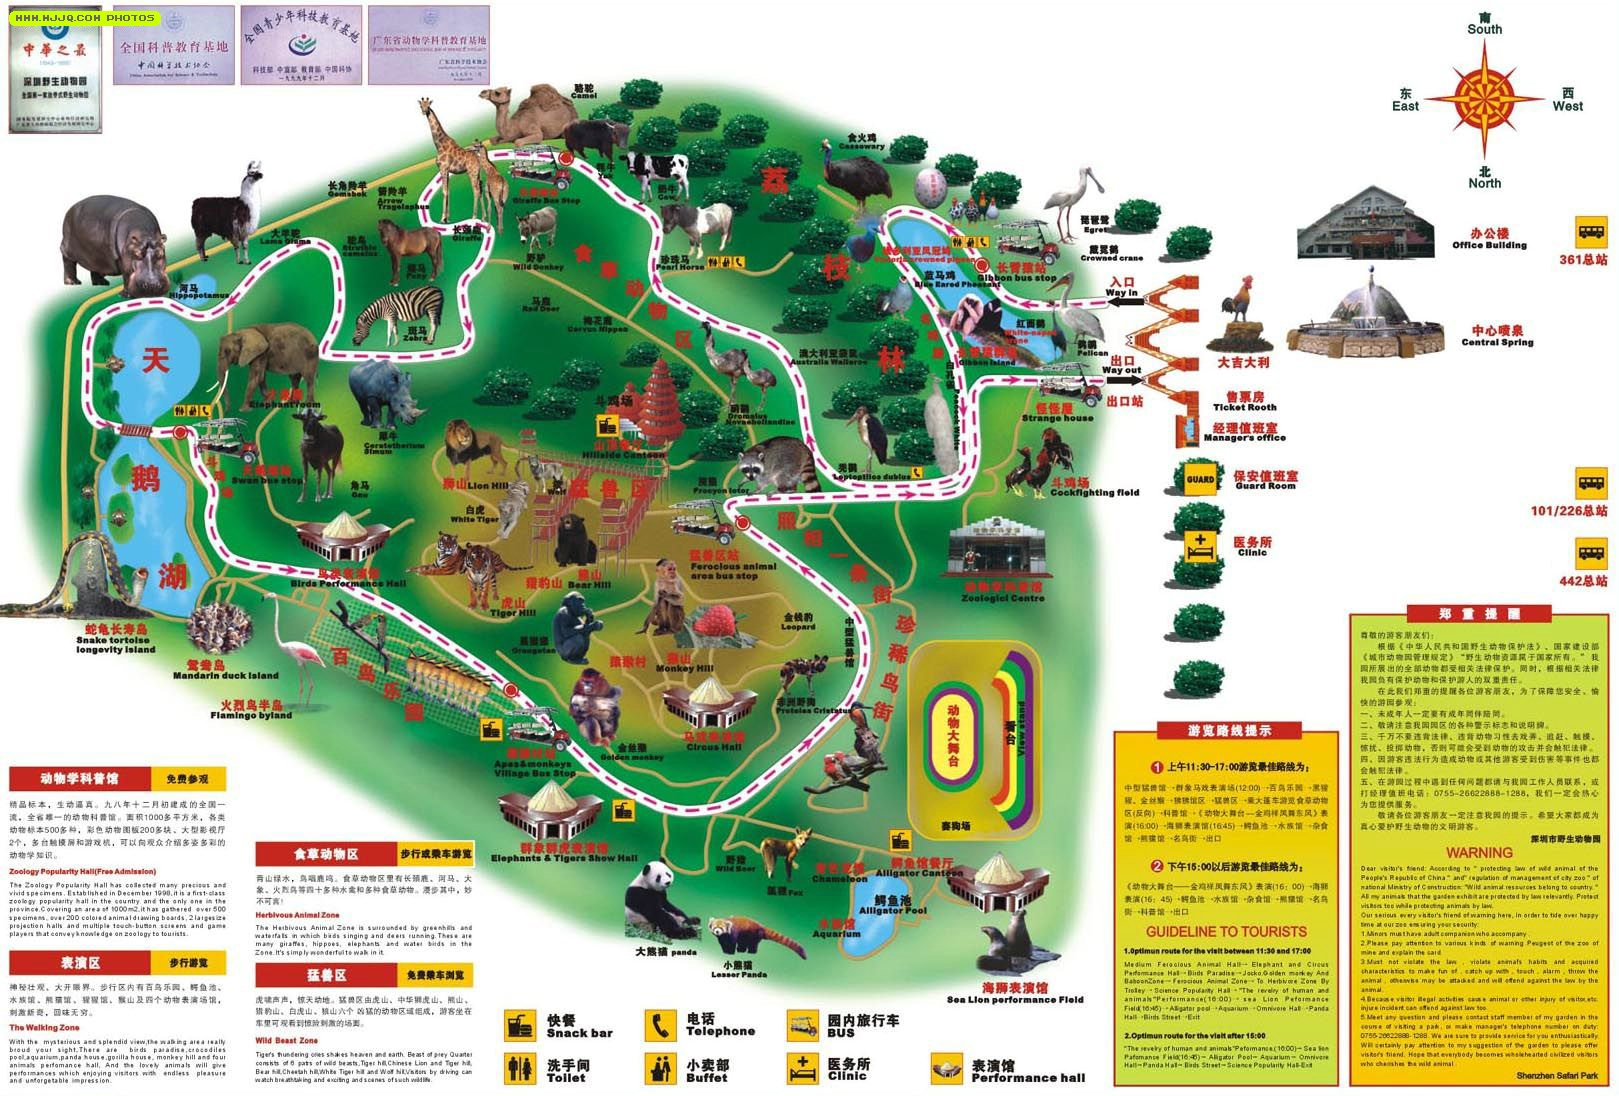 深圳野生动物园导游图 (长按地图可以放大、保存、分享) 深圳野生动物园是全国第一家由企业投资兴办的市政项目。建于山青水秀的深圳西丽湖畔,占地面积120万平方米,总投资2.5亿人民币,于九三年九月二十八日正式开业,从而成为我国第一家集动物园、植物园、科普园等多种园艺、观赏功能为一体的亚热带新型园林生态环境风景区;荣获国务院授予的中华之最光荣称号。